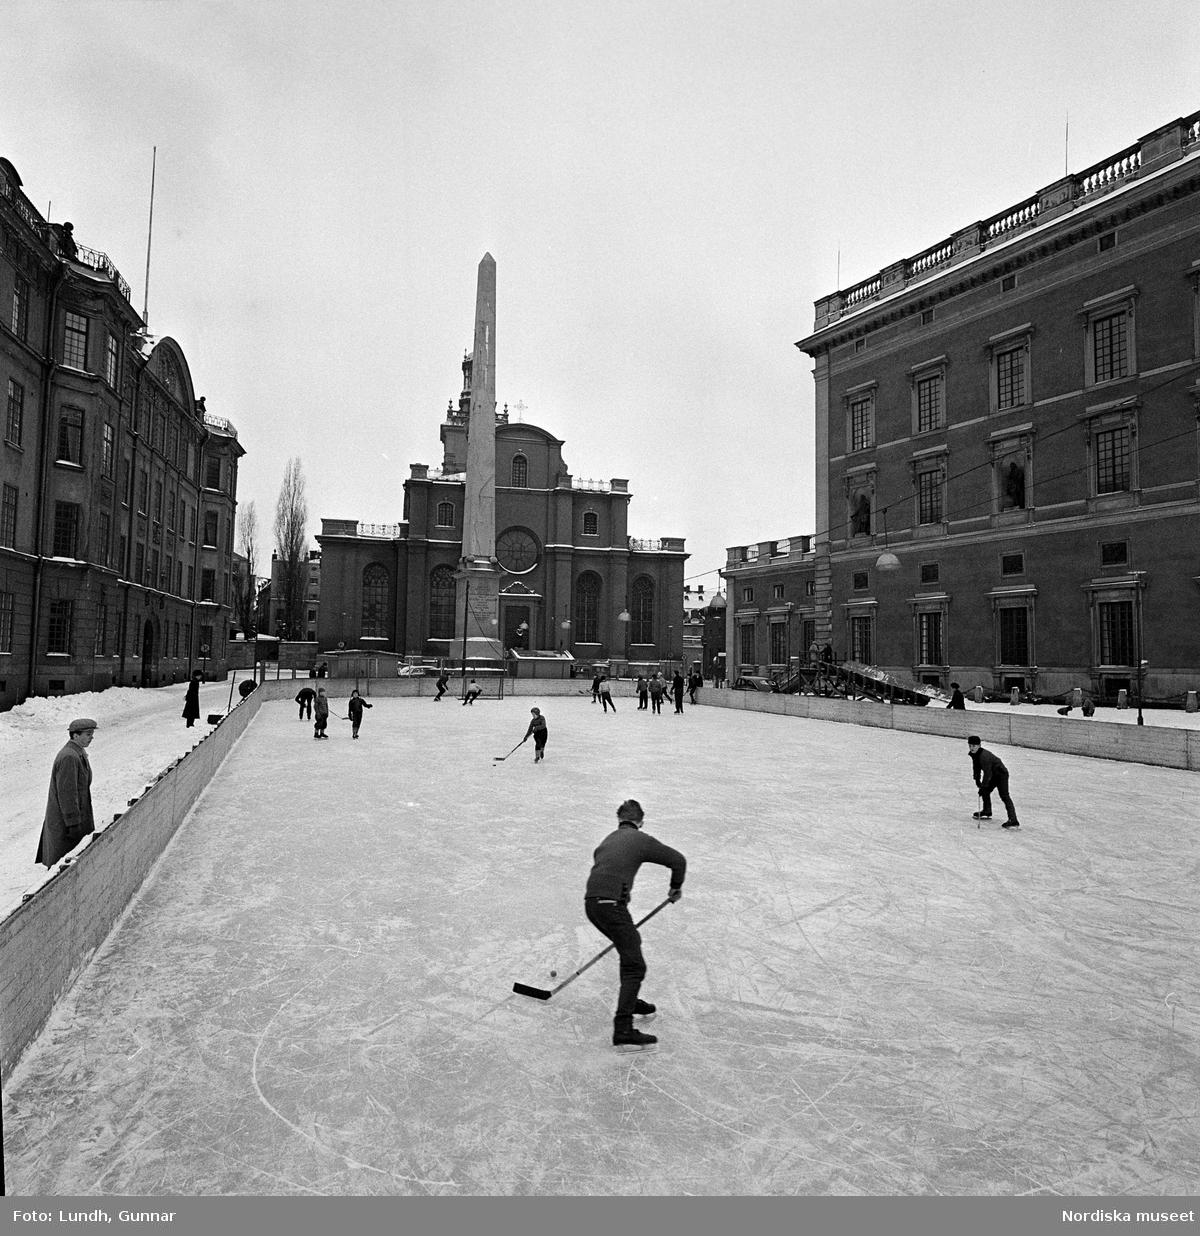 Ishockeyspelare och skridskoåkare i rink utanför kungliga slottet i Stockholm. Slottsbacken, obelisken.